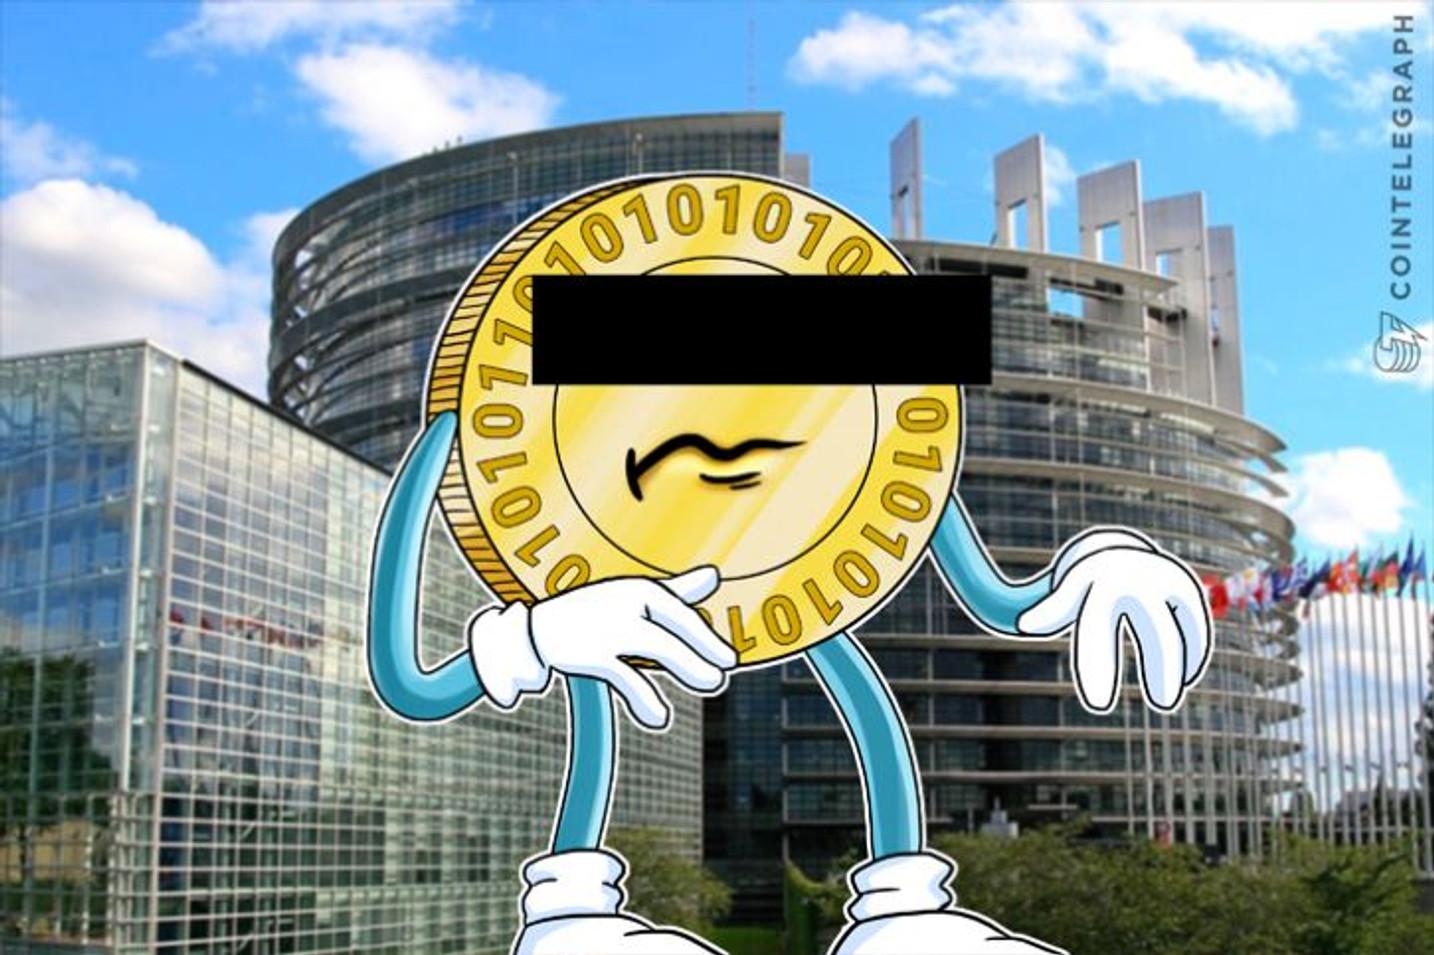 Zašto je Evropska Unija protiv anonimnih digitalnih valuta